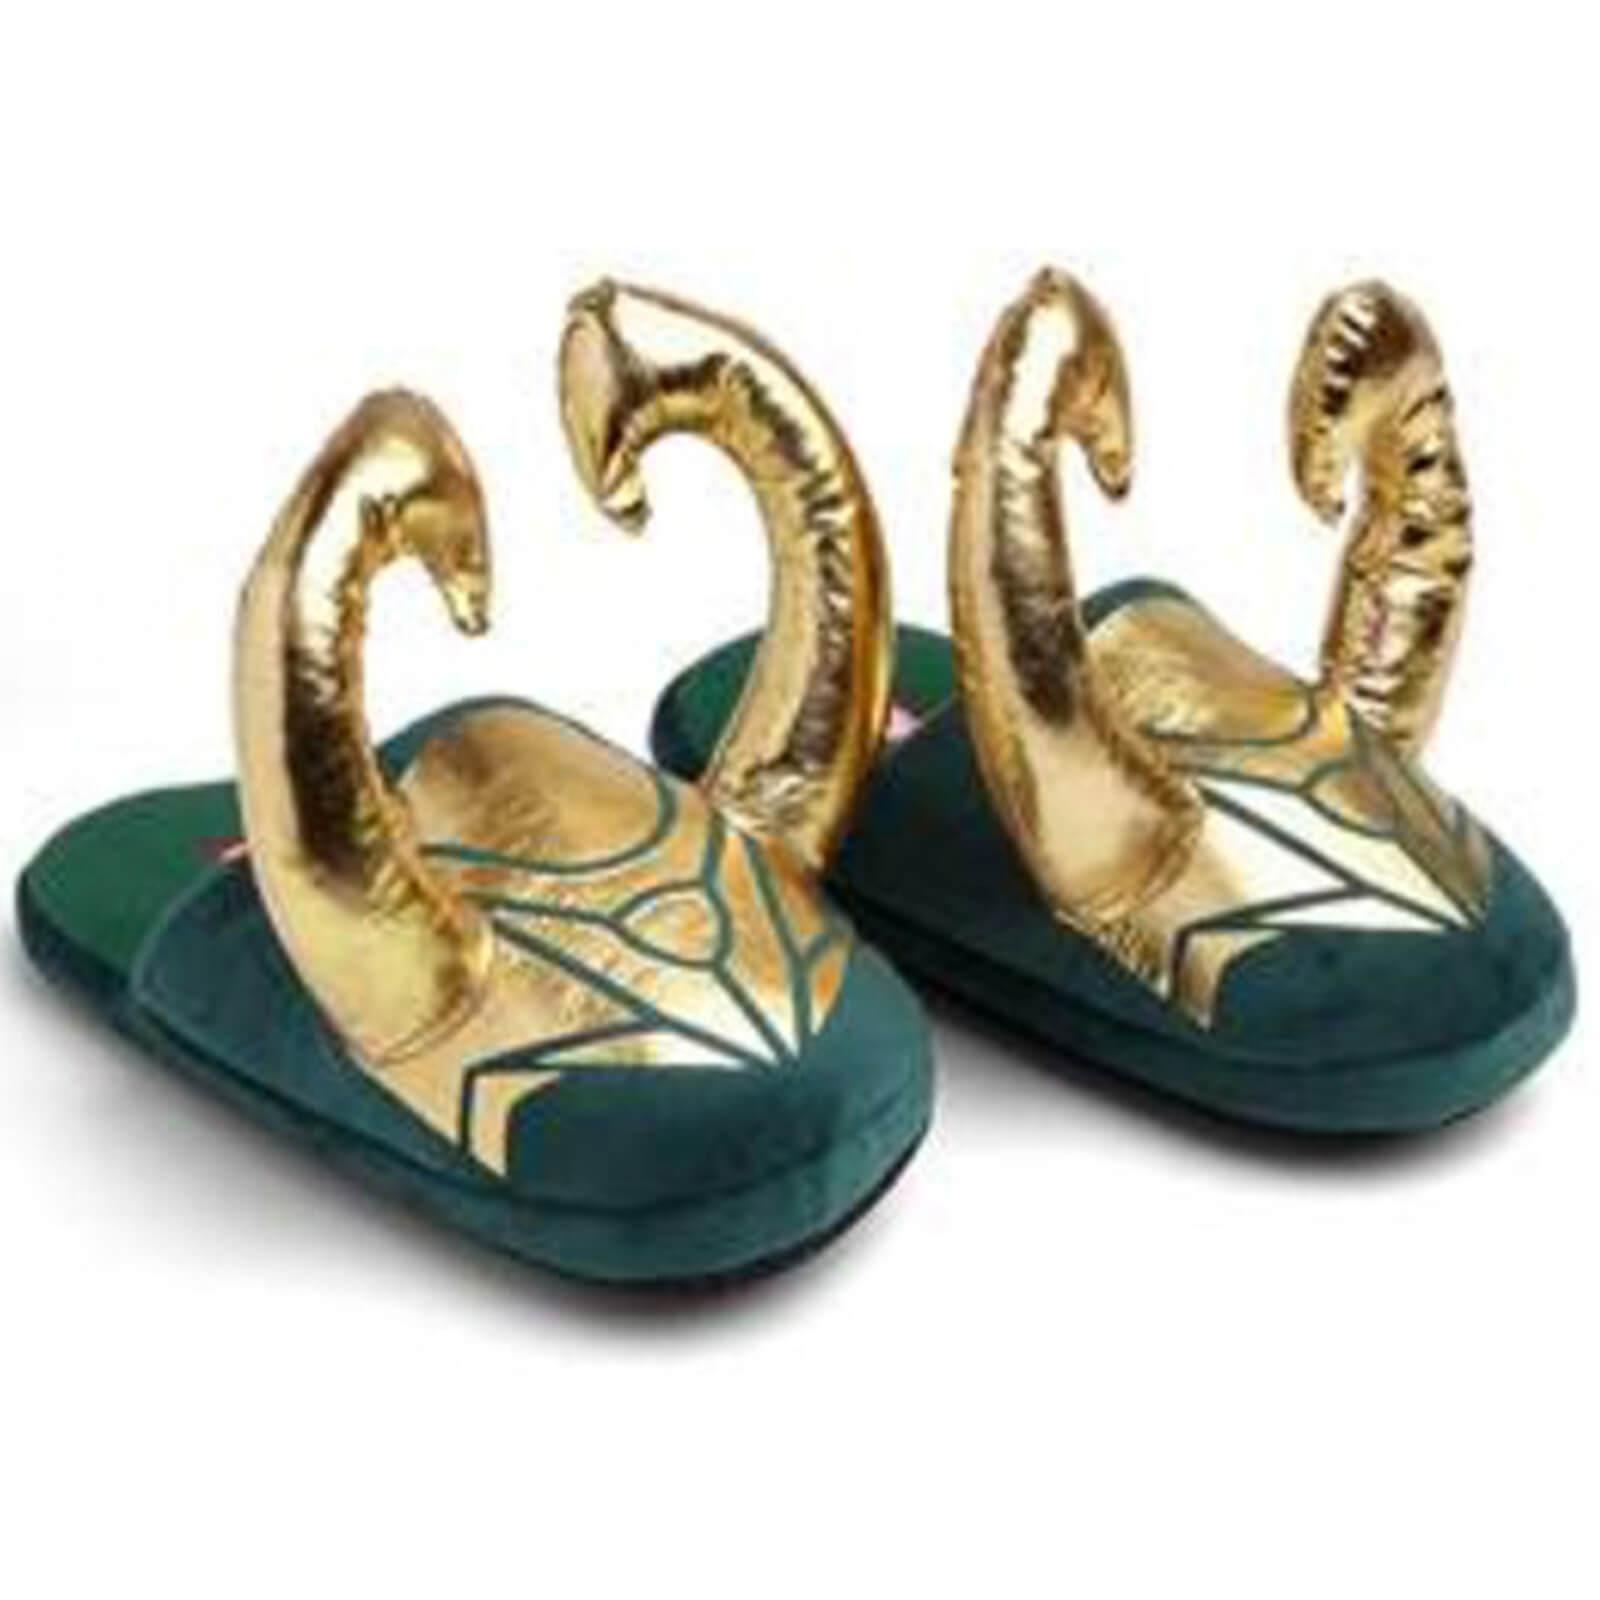 Marvel Loki Horned Slippers - L-XL